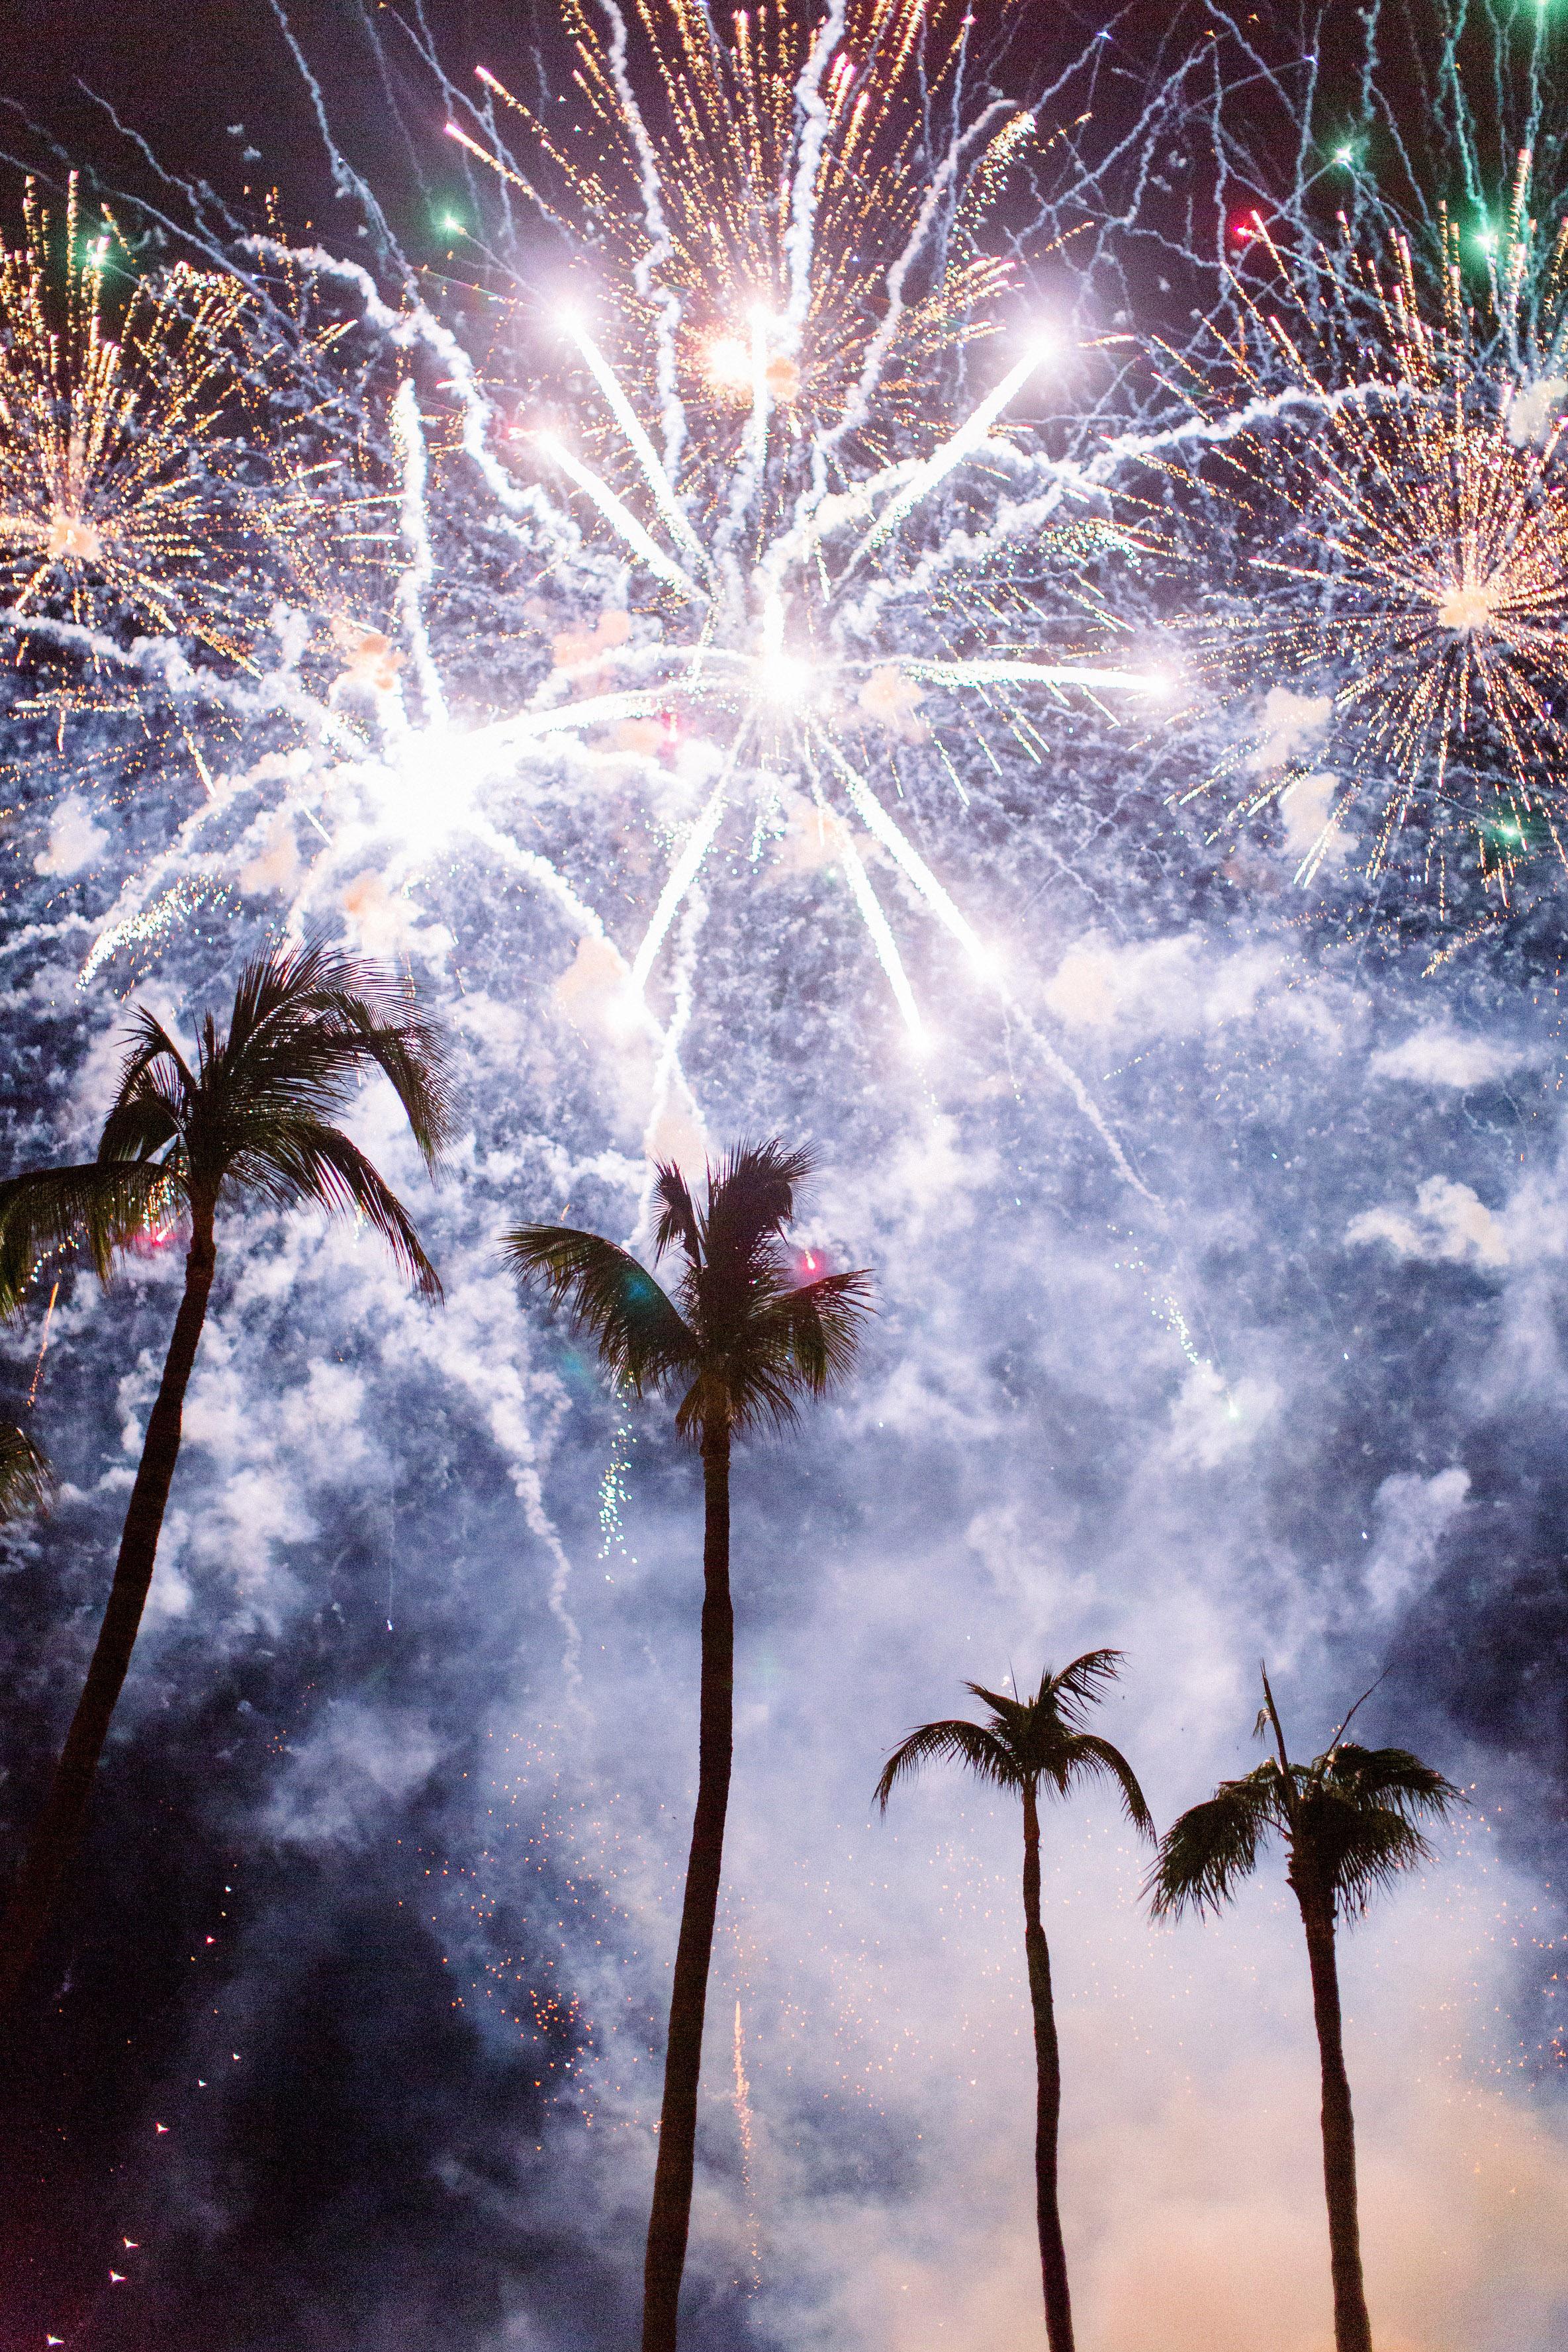 kourtney justin wedding mexico fireworks